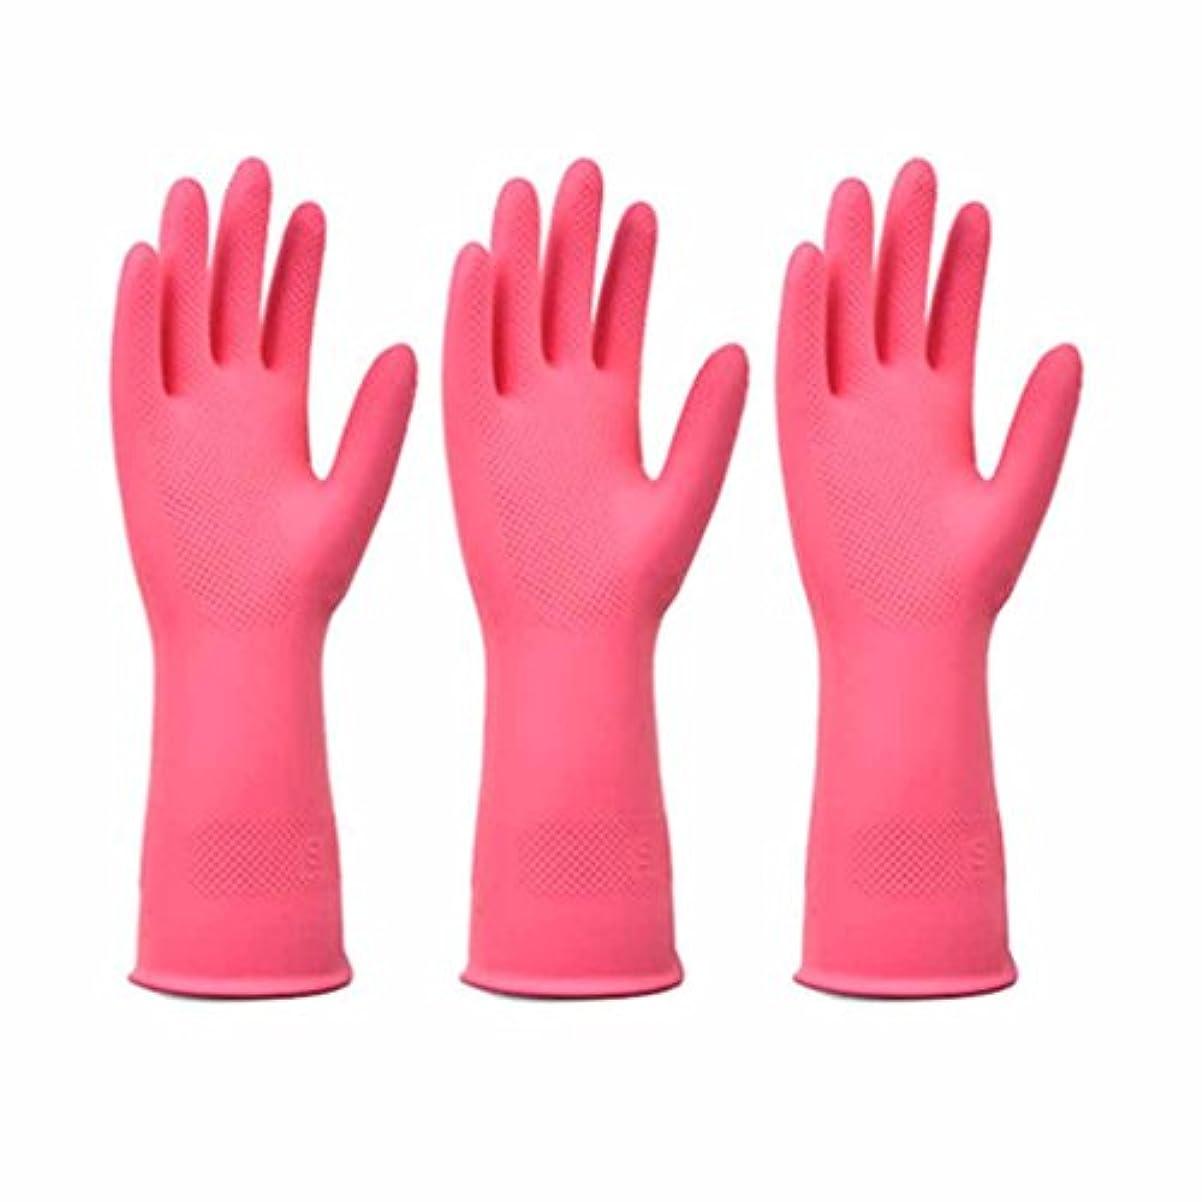 弱点同情を除く使い捨て手袋 レッドラテックスノンスリップ耐久手袋キッチン多機能防水、オイル手袋 (Size : Three pairs)